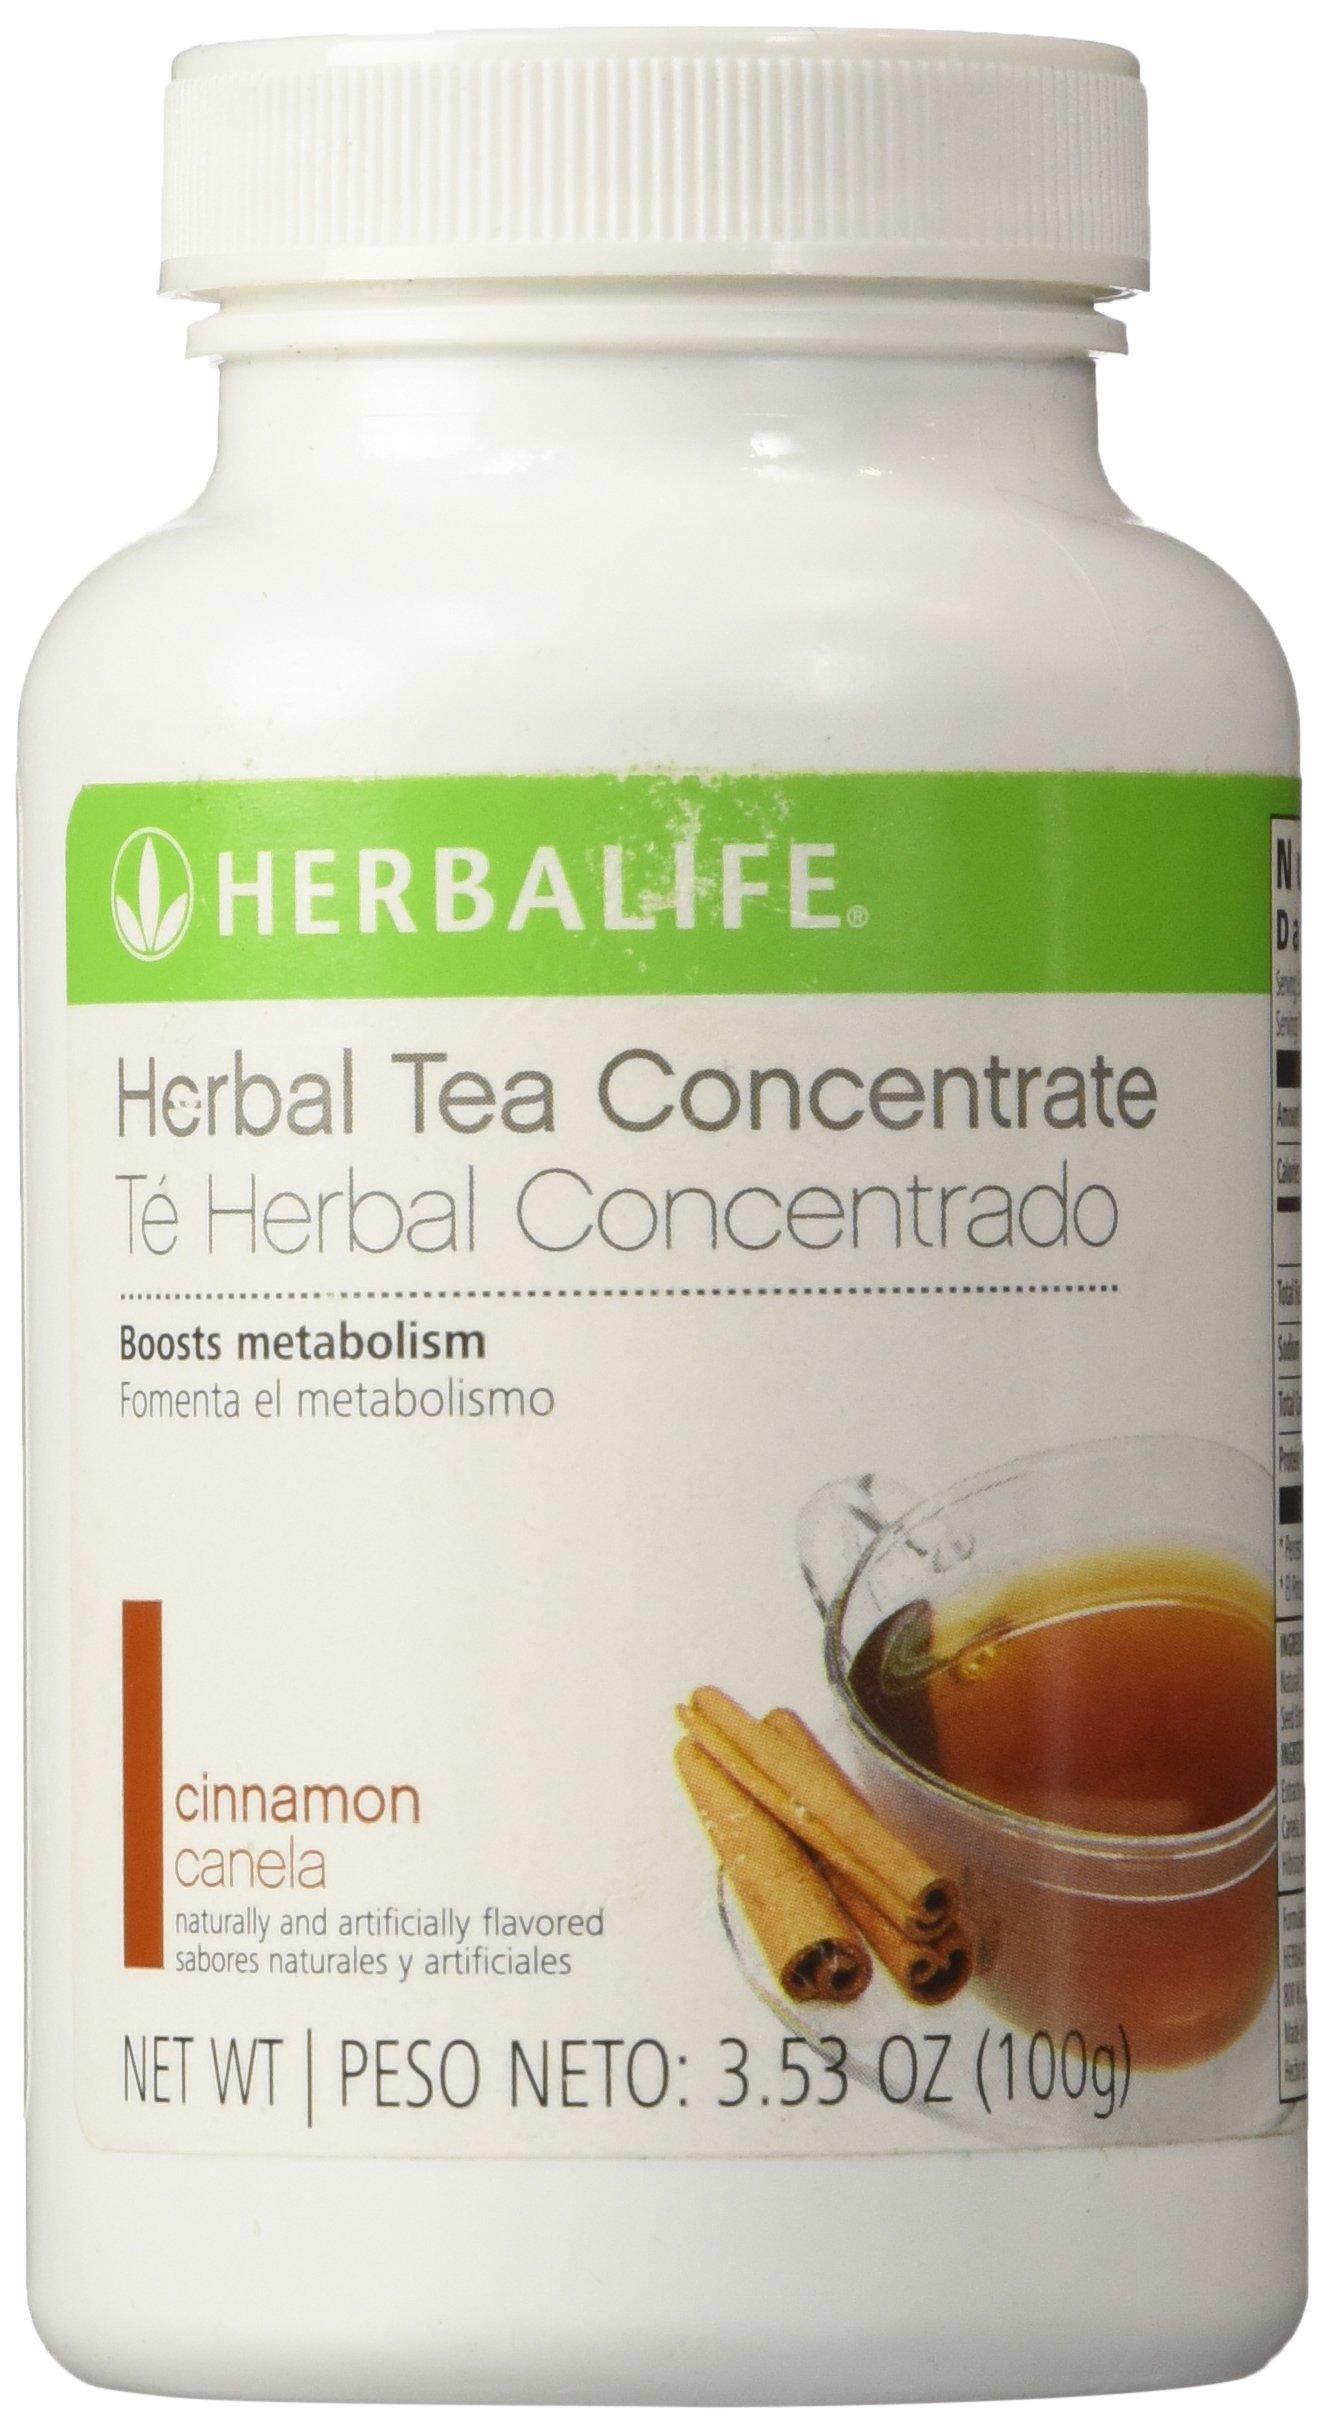 Herbalife Herbal Tea Concentrate (Cinnamon, 3.6oz) by Herbalife